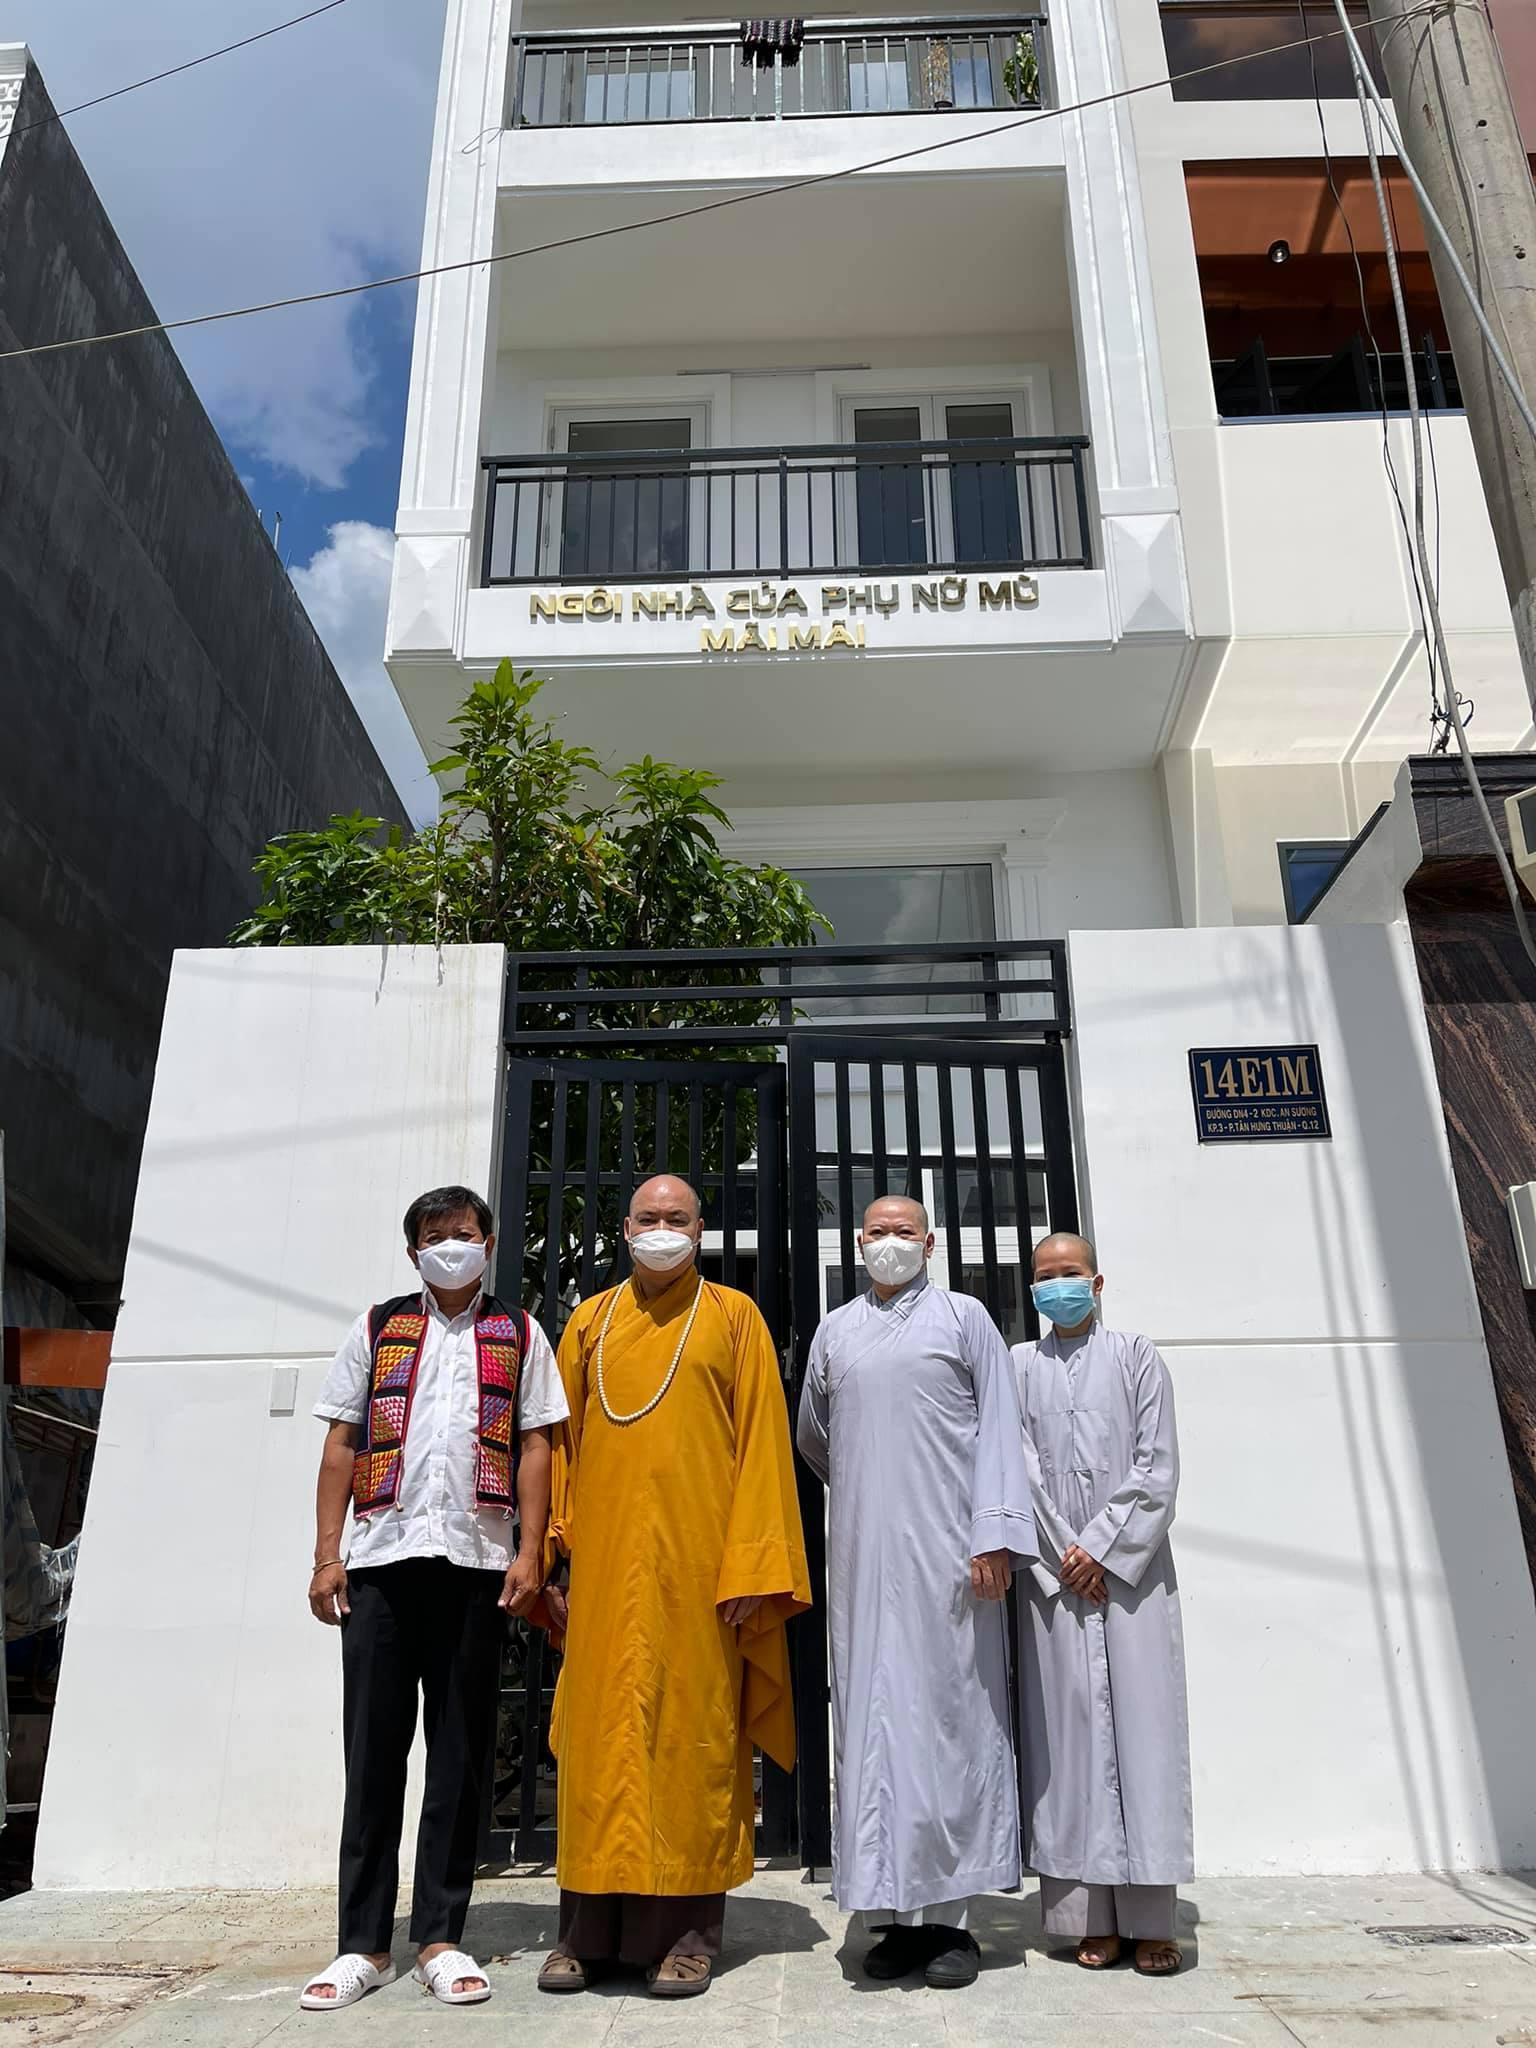 Ông Đoàn Ngọc Hải hiến tặng căn nhà 4 tầng để cưu mang người mù vô gia cư - Ảnh 3.